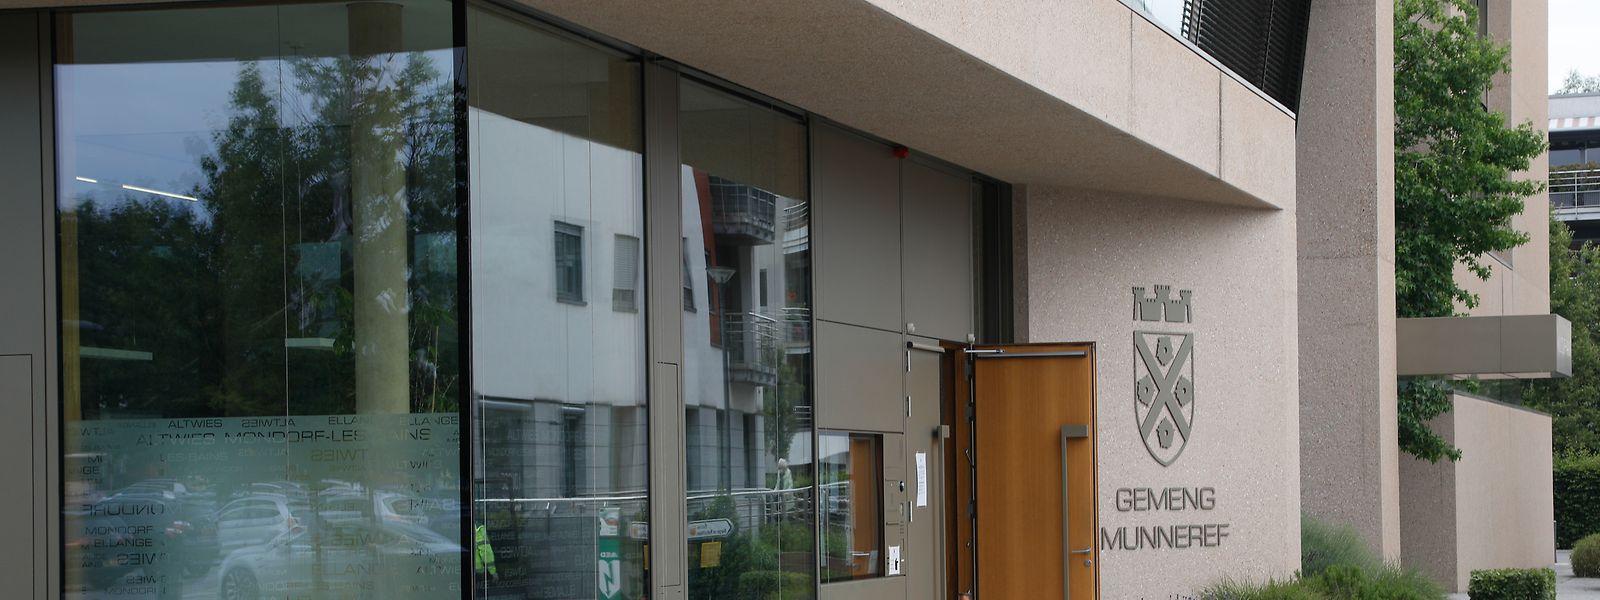 Seit 2012 werden die Geschicke der Gemeinde in der modernen Mairie an der Place des Villes jumelées geleitet.